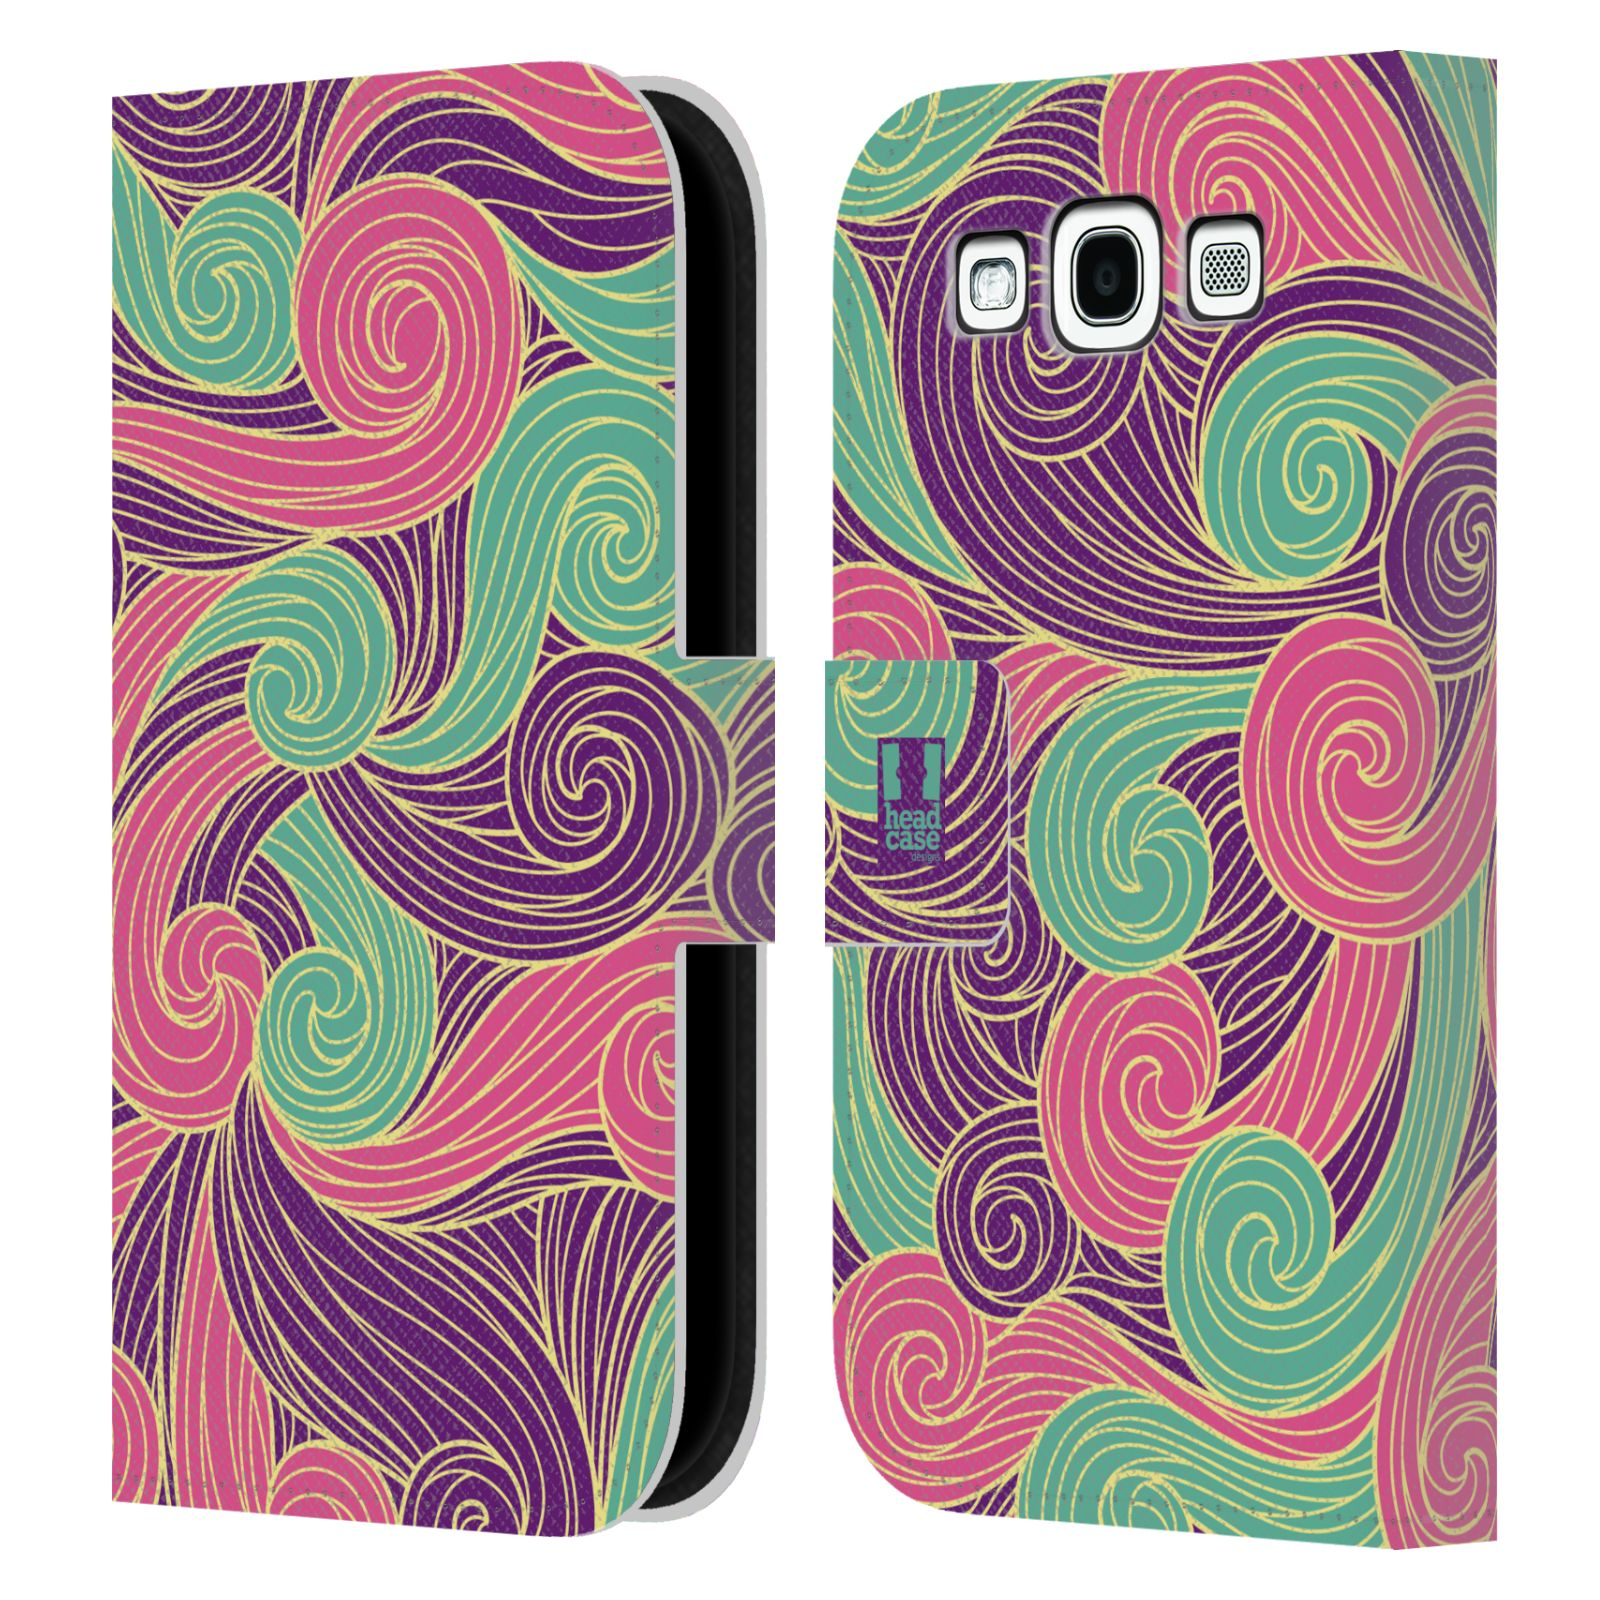 HEAD CASE Flipové pouzdro pro mobil Samsung Galaxy S3 barevné vlny růžová a fialová